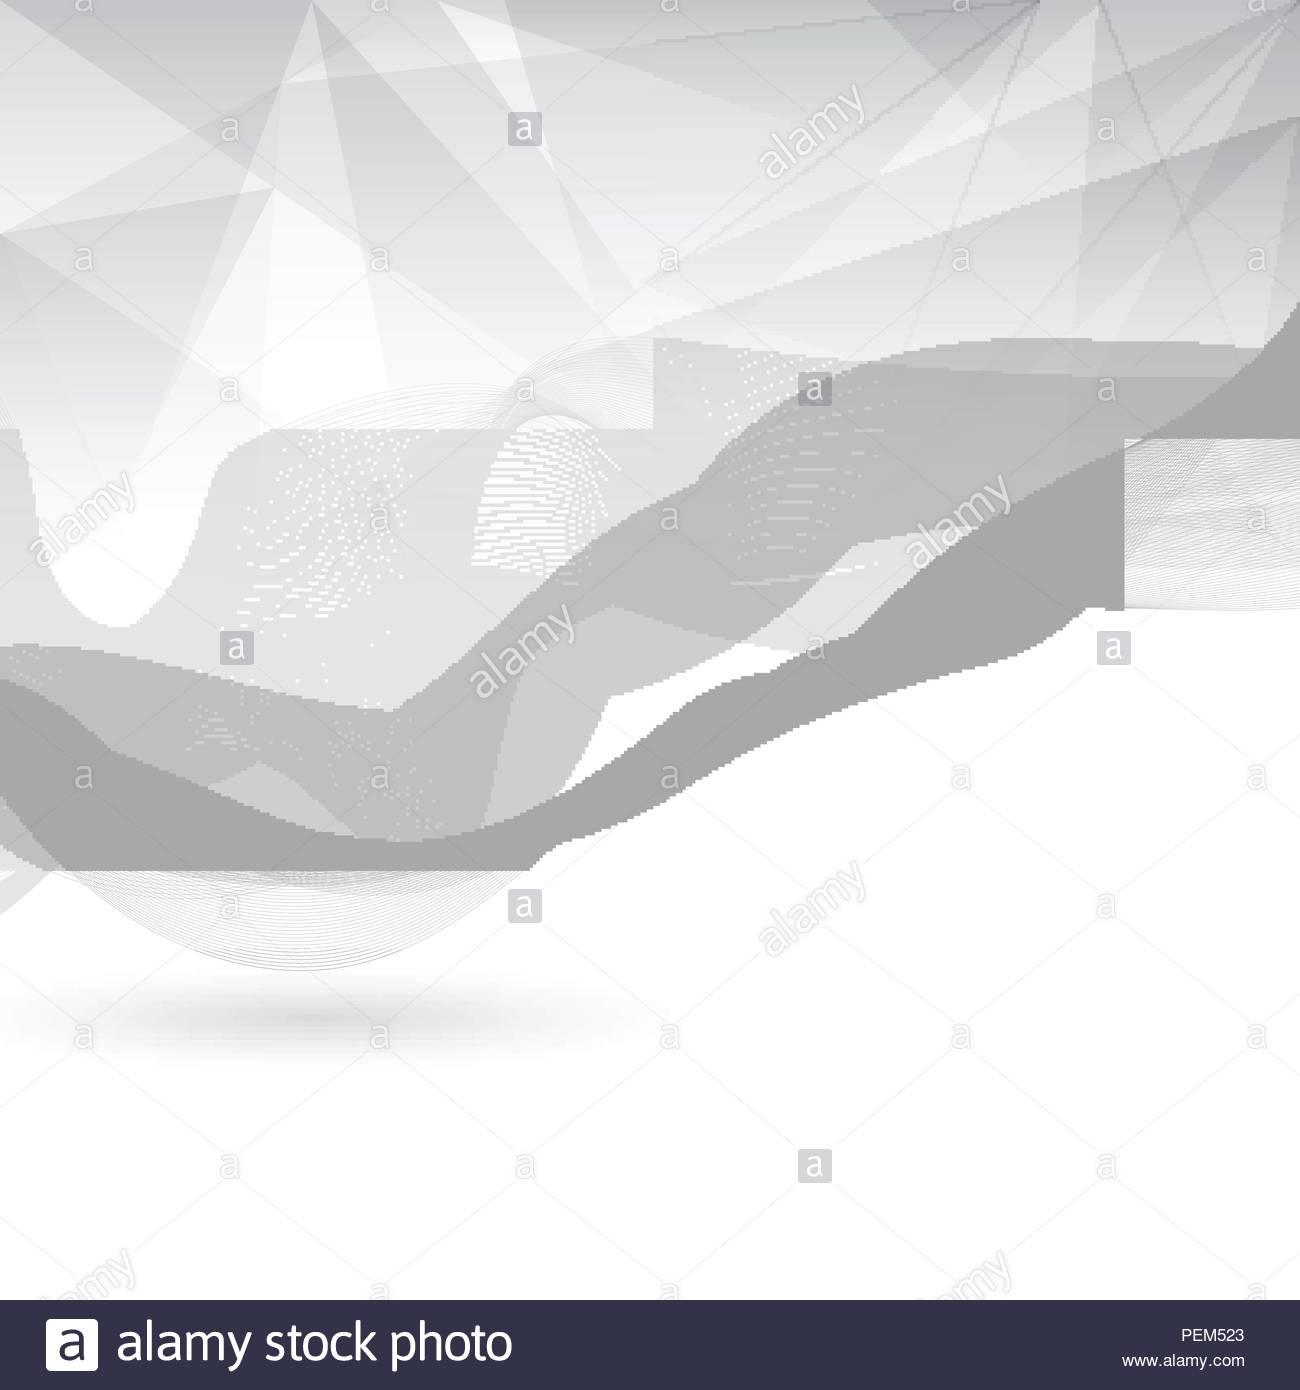 Résumé De Couleur Gris Et Blanc Avec Des Lignes Poly Bas encequiconcerne Dessin De Vague A Imprimer